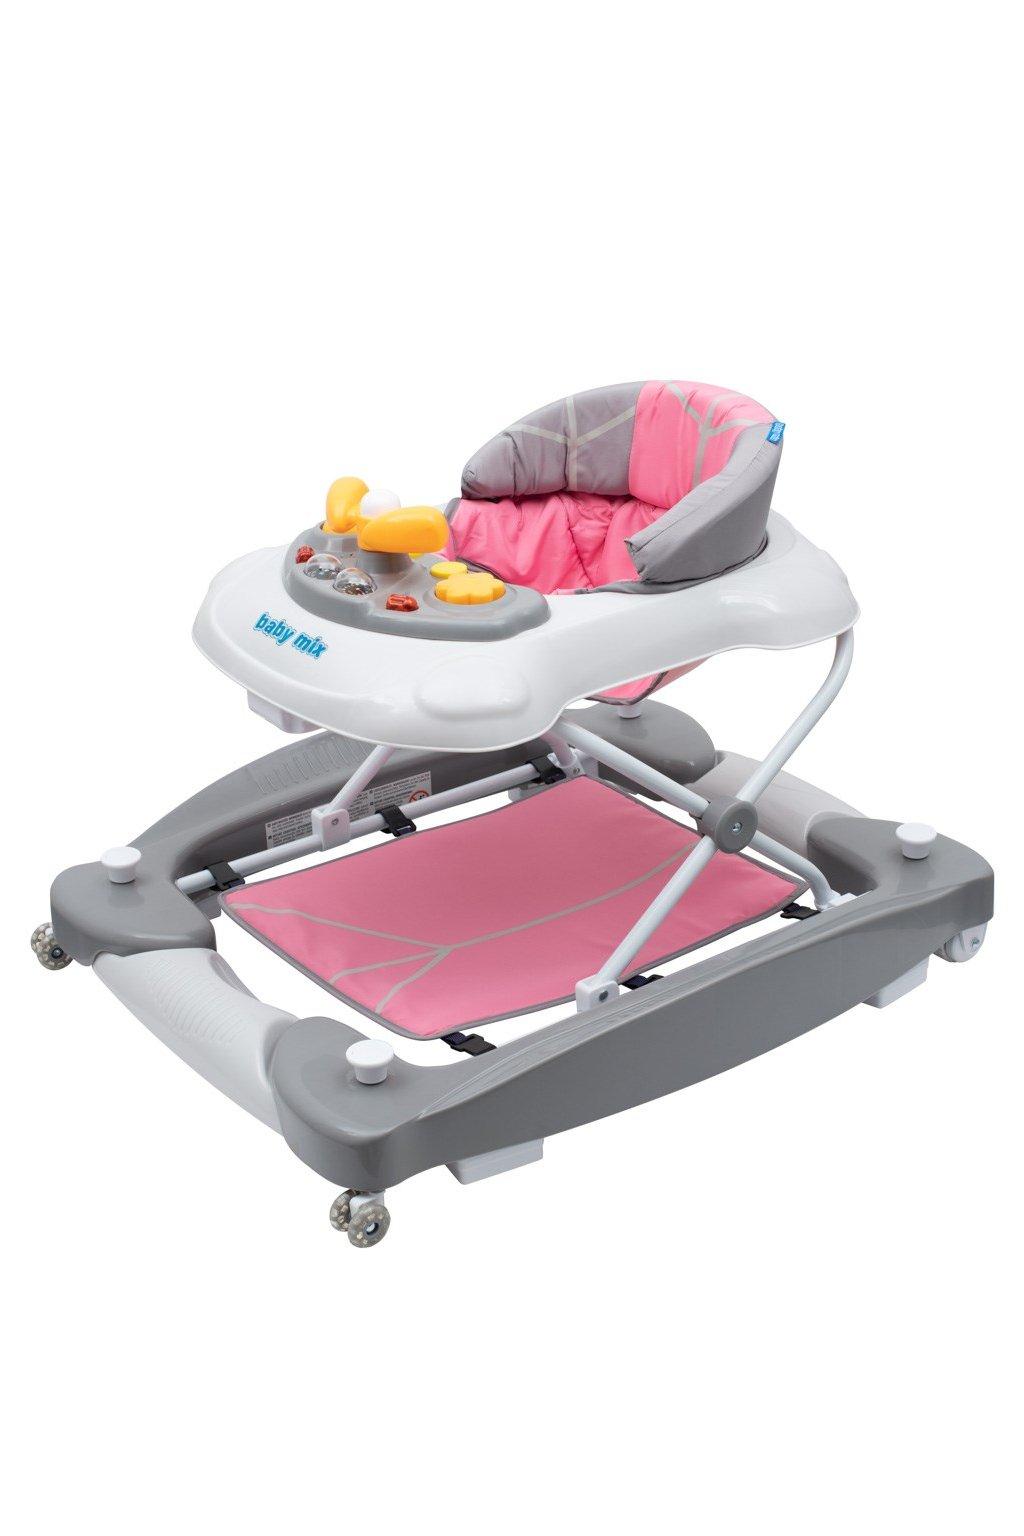 Detské chodítko s hojdačkou a siikónovými kolieskami Baby Mix ružové